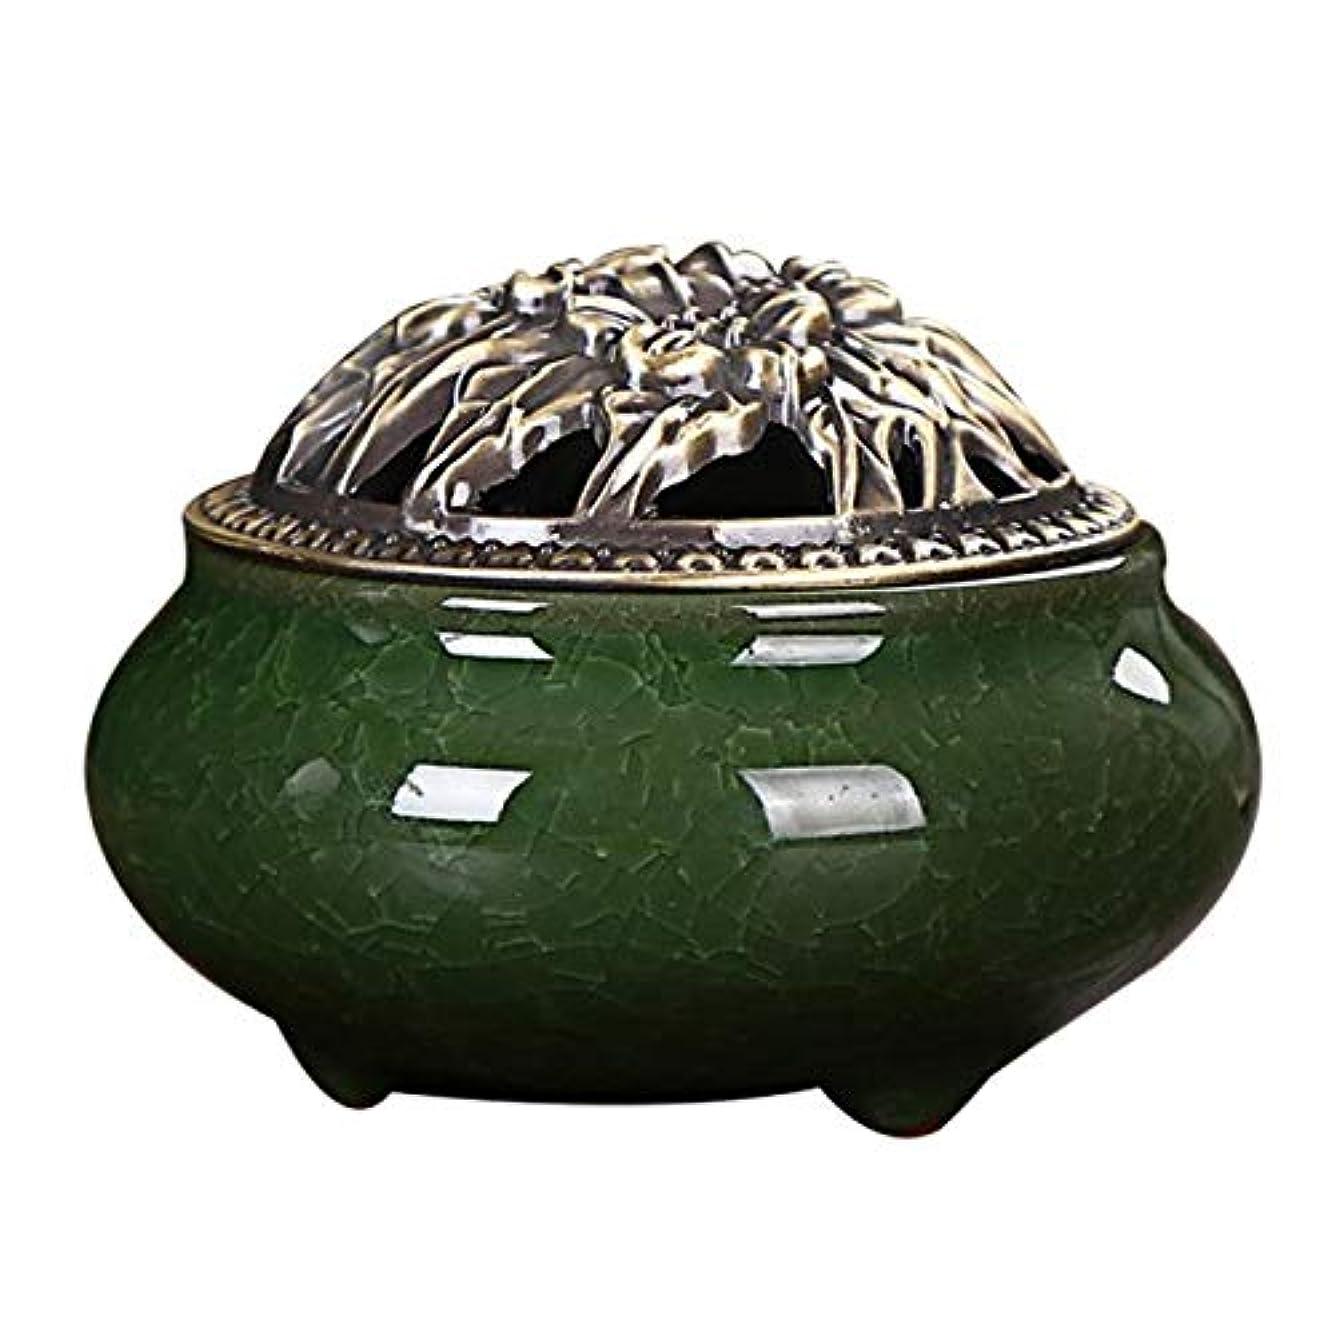 決済慣習ストラップZhaozhe陶磁器 香炉 香皿 セラミック 渦巻き線香 アロマ などに